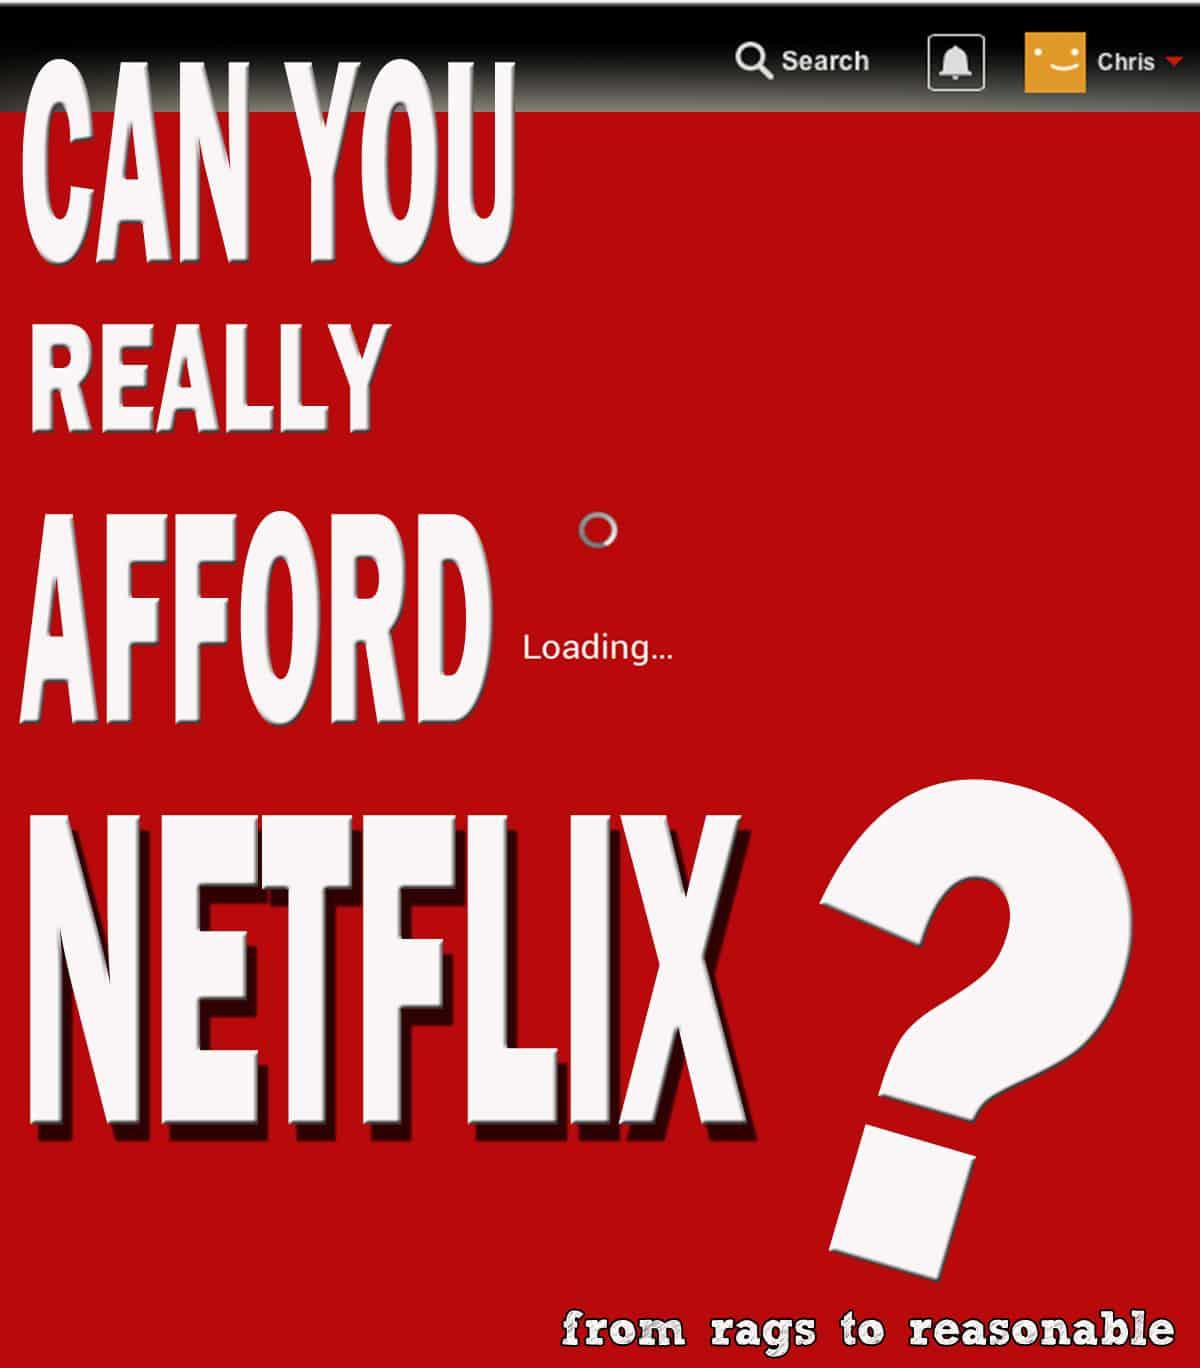 Netflix - Title Image